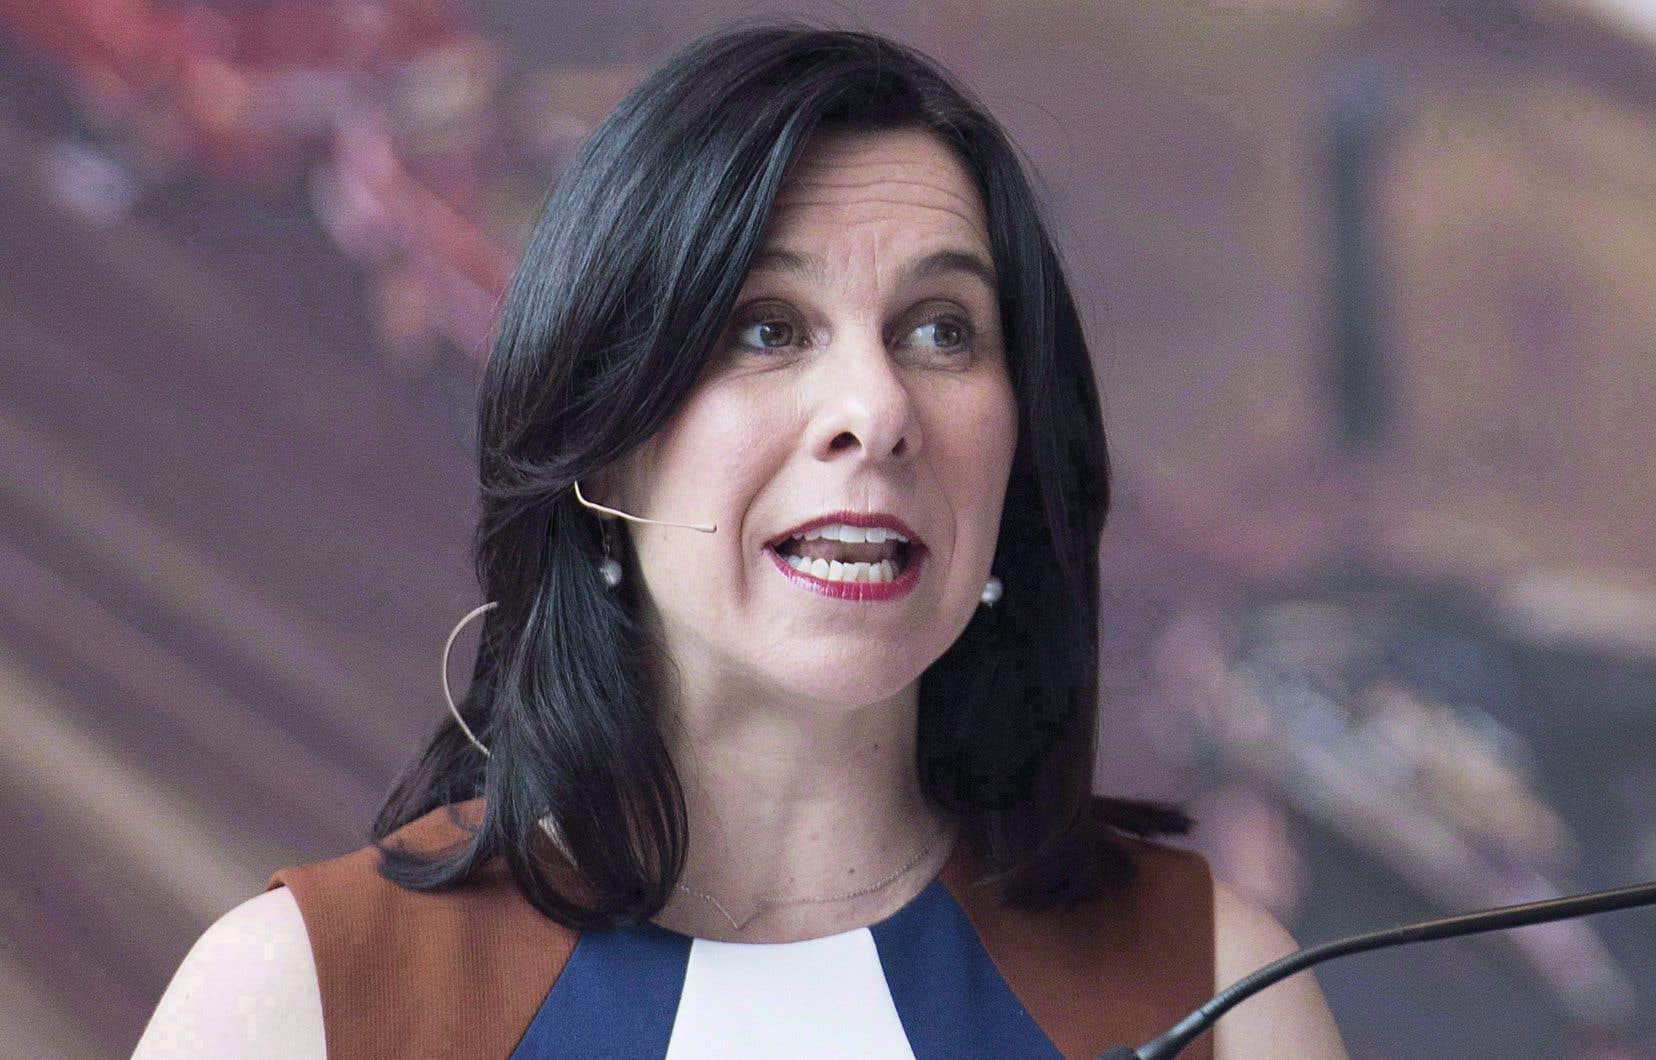 Les élus des banlieues préviennent la mairesse Plante qu'ils ne pourront souscrire à un budget 2019 qui imposerait des hausses de taxes supérieures au taux d'inflation.